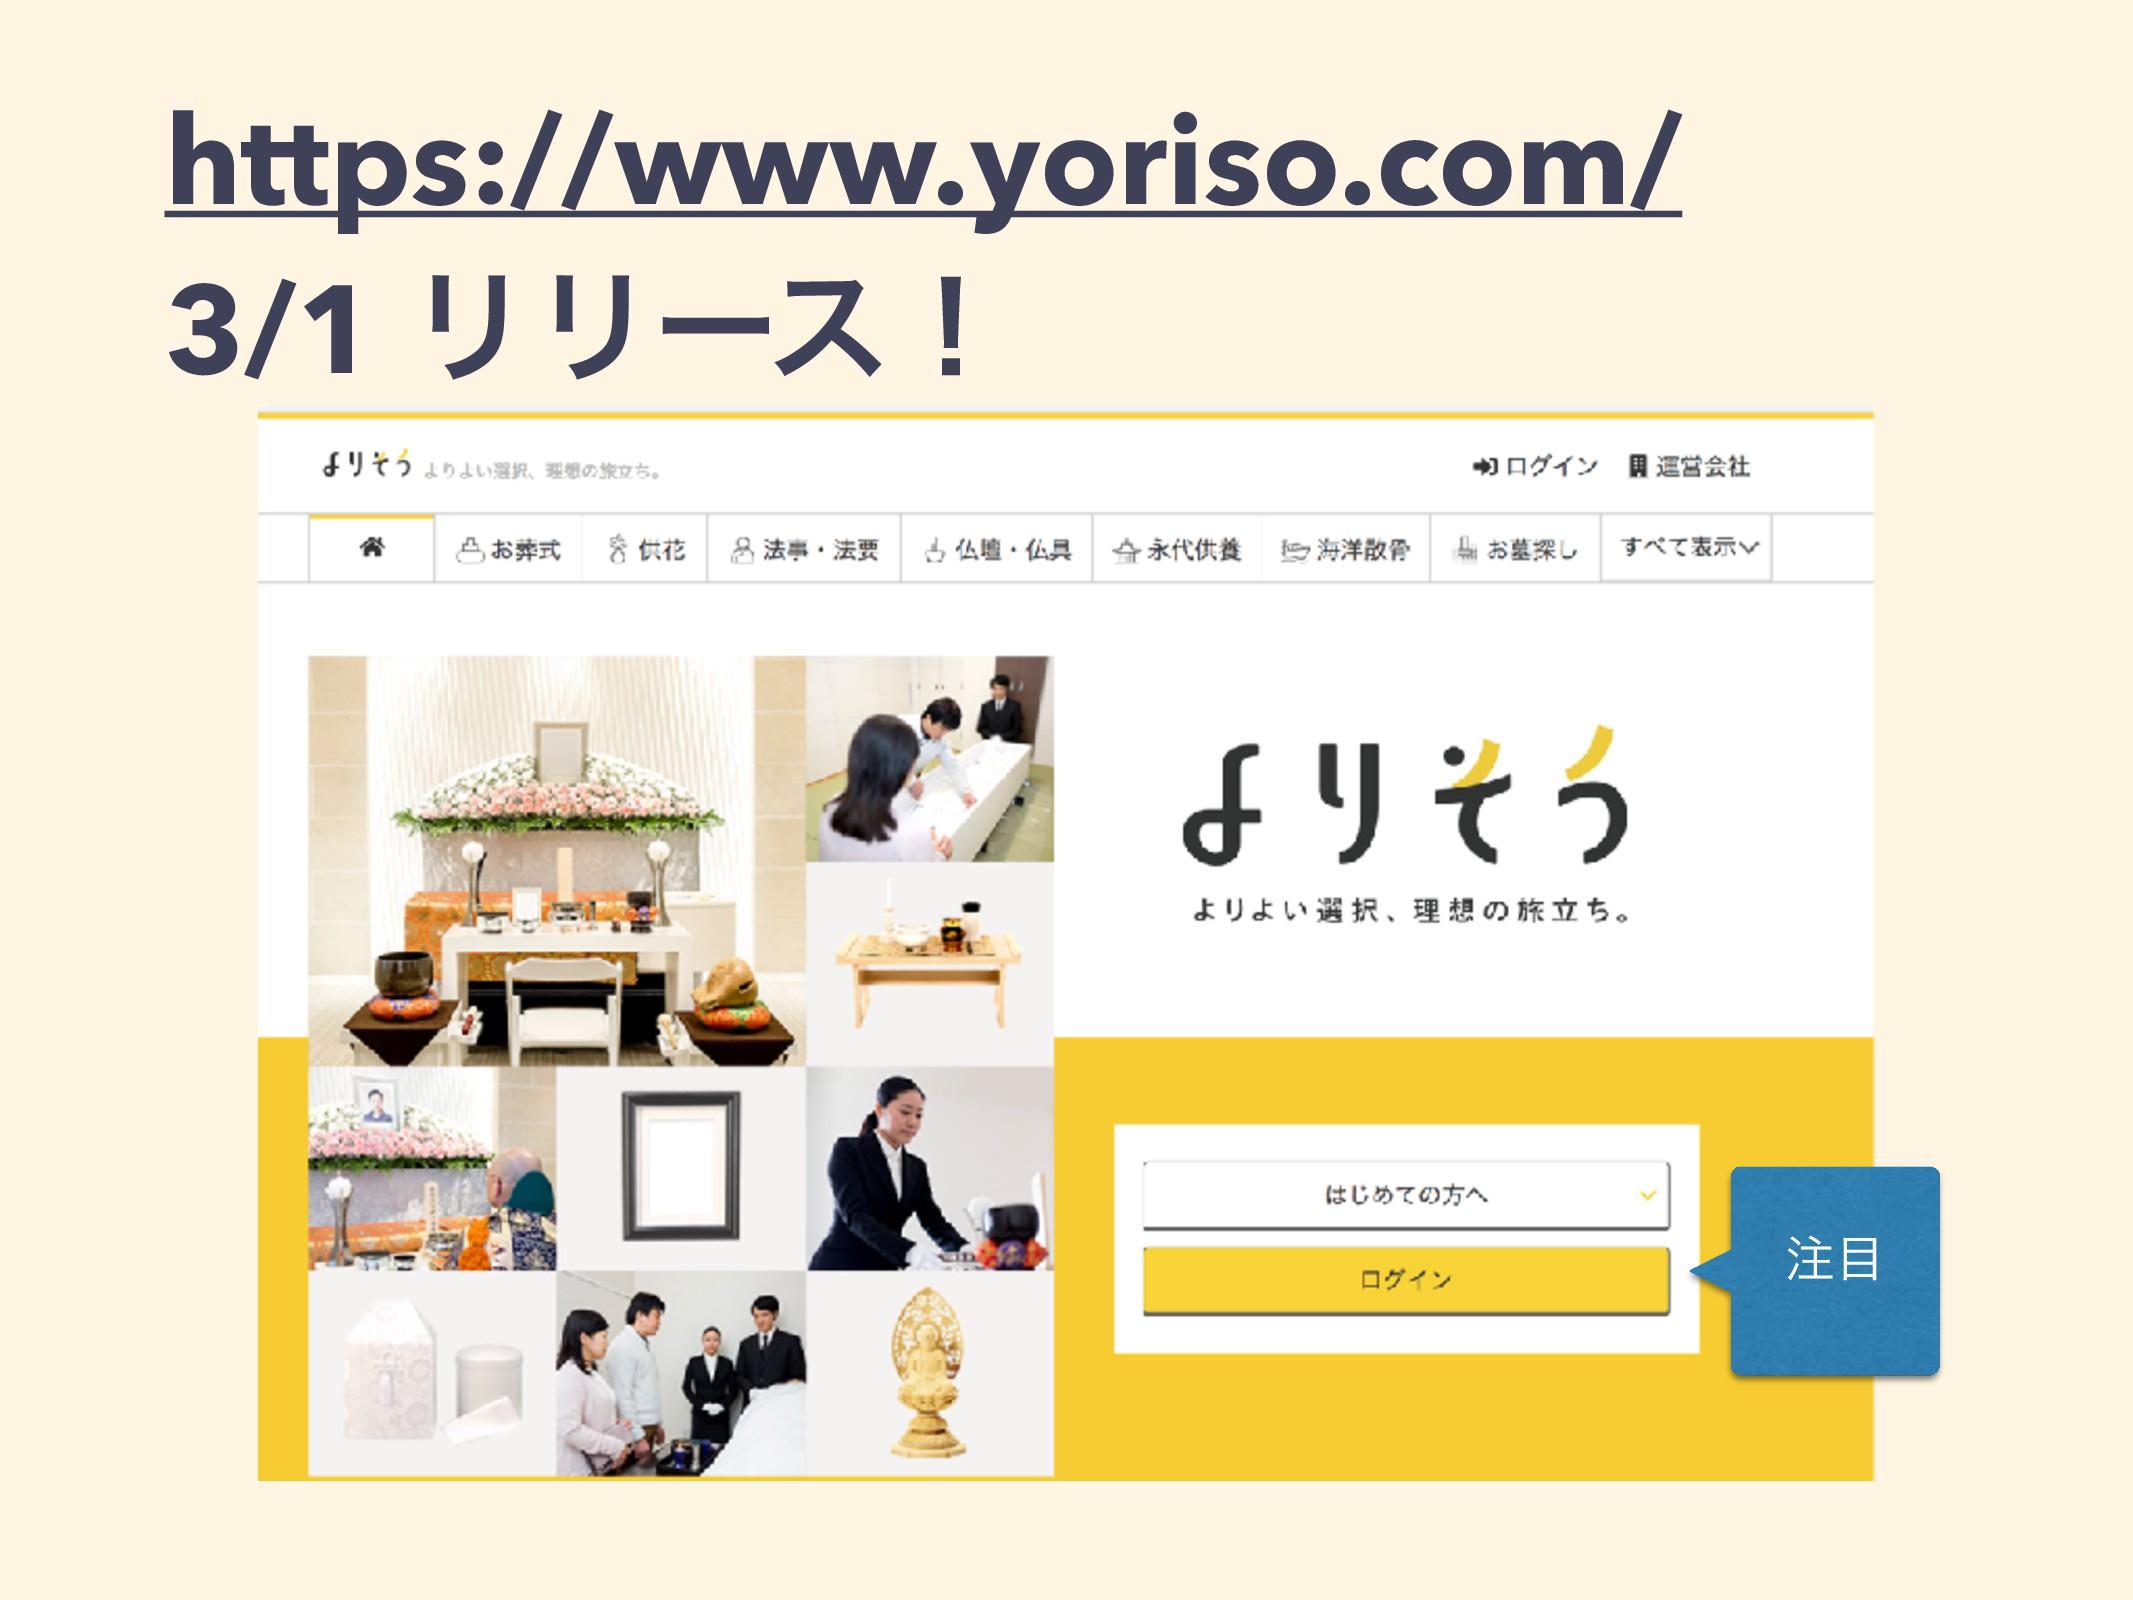 https://www.yoriso.com/ 3/1 ϦϦʔεʂ 